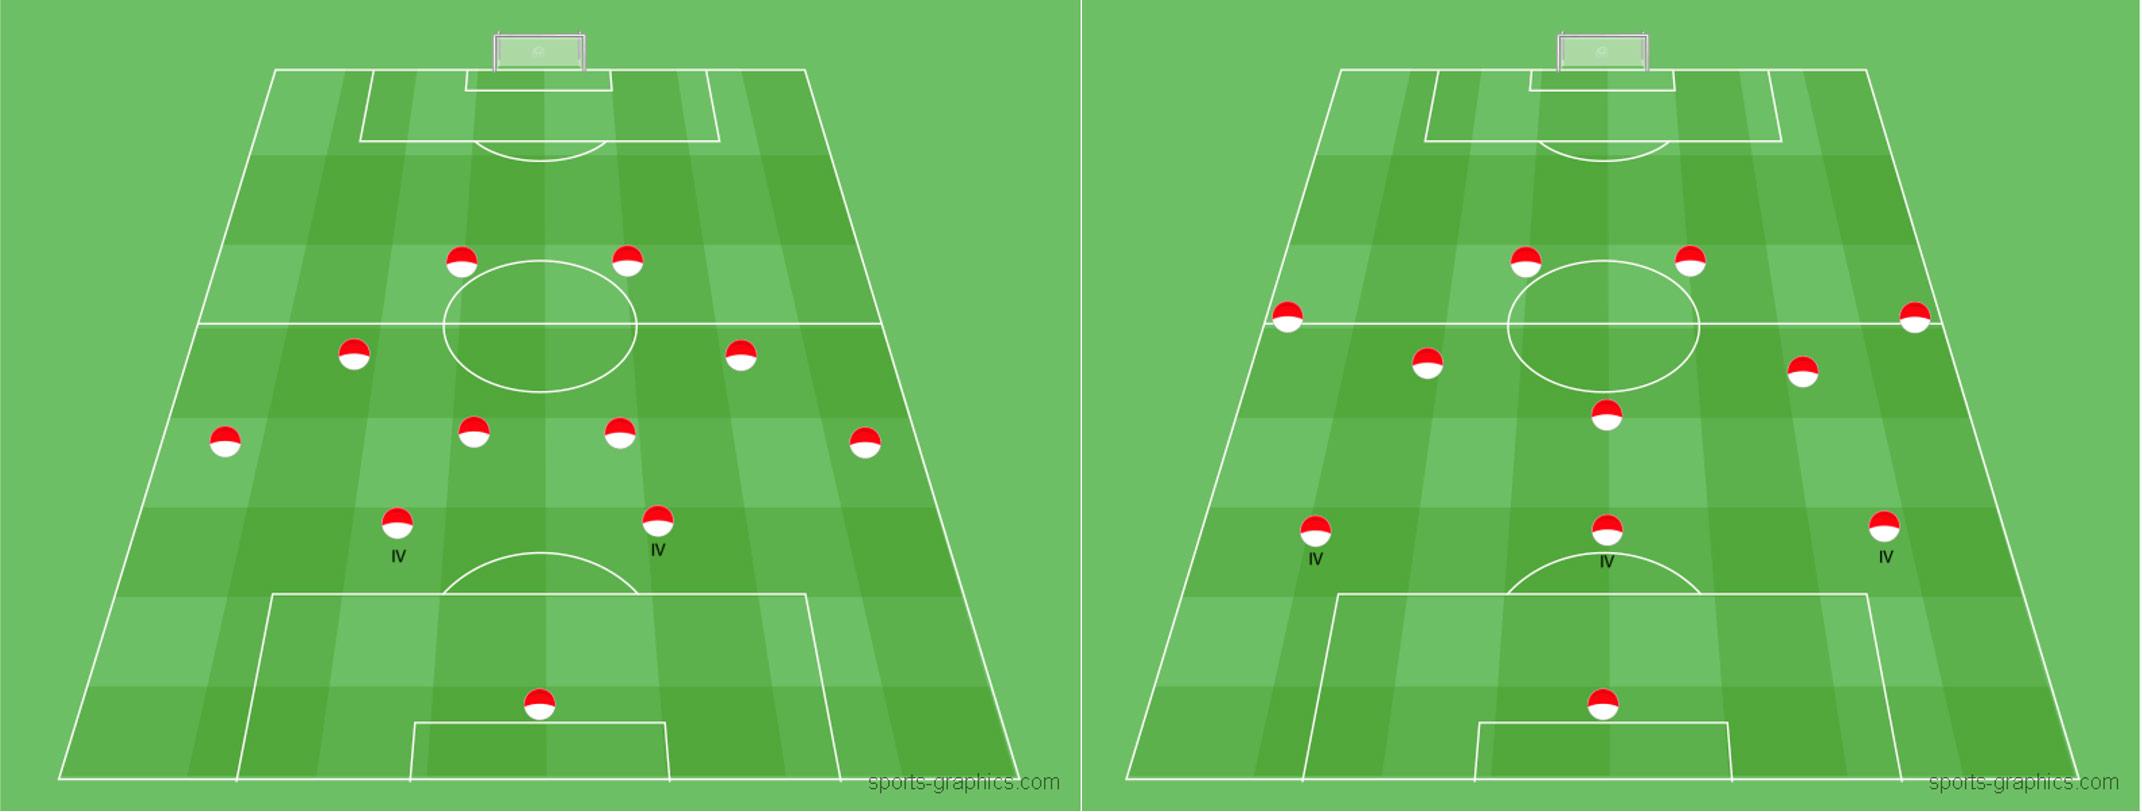 Innenverteider - Position im Fußball in verschiedenen Spielsystemen